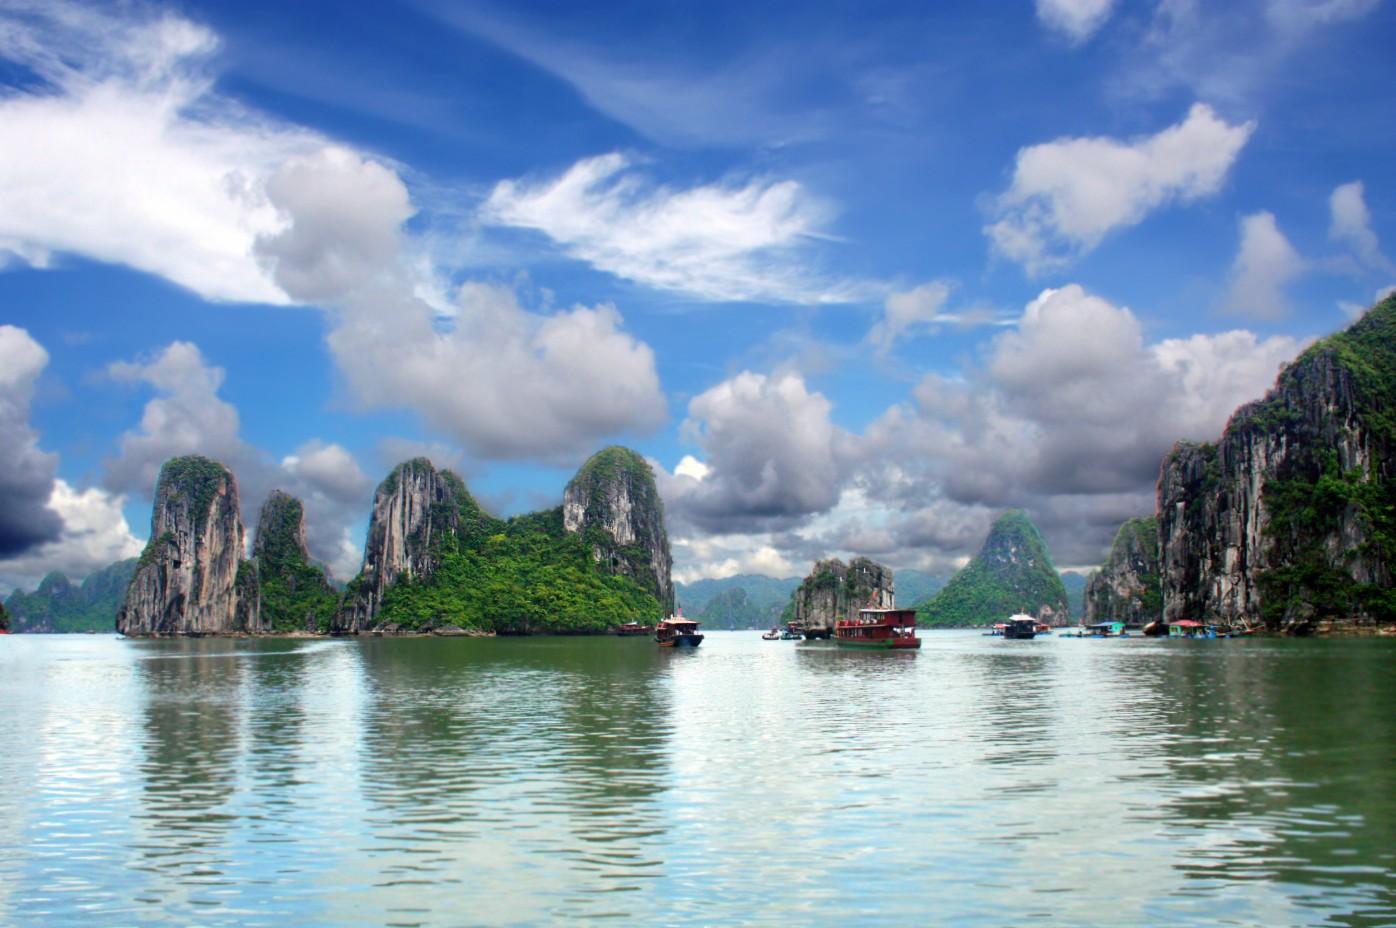 Tranh Phong Cảnh Biển - 10160